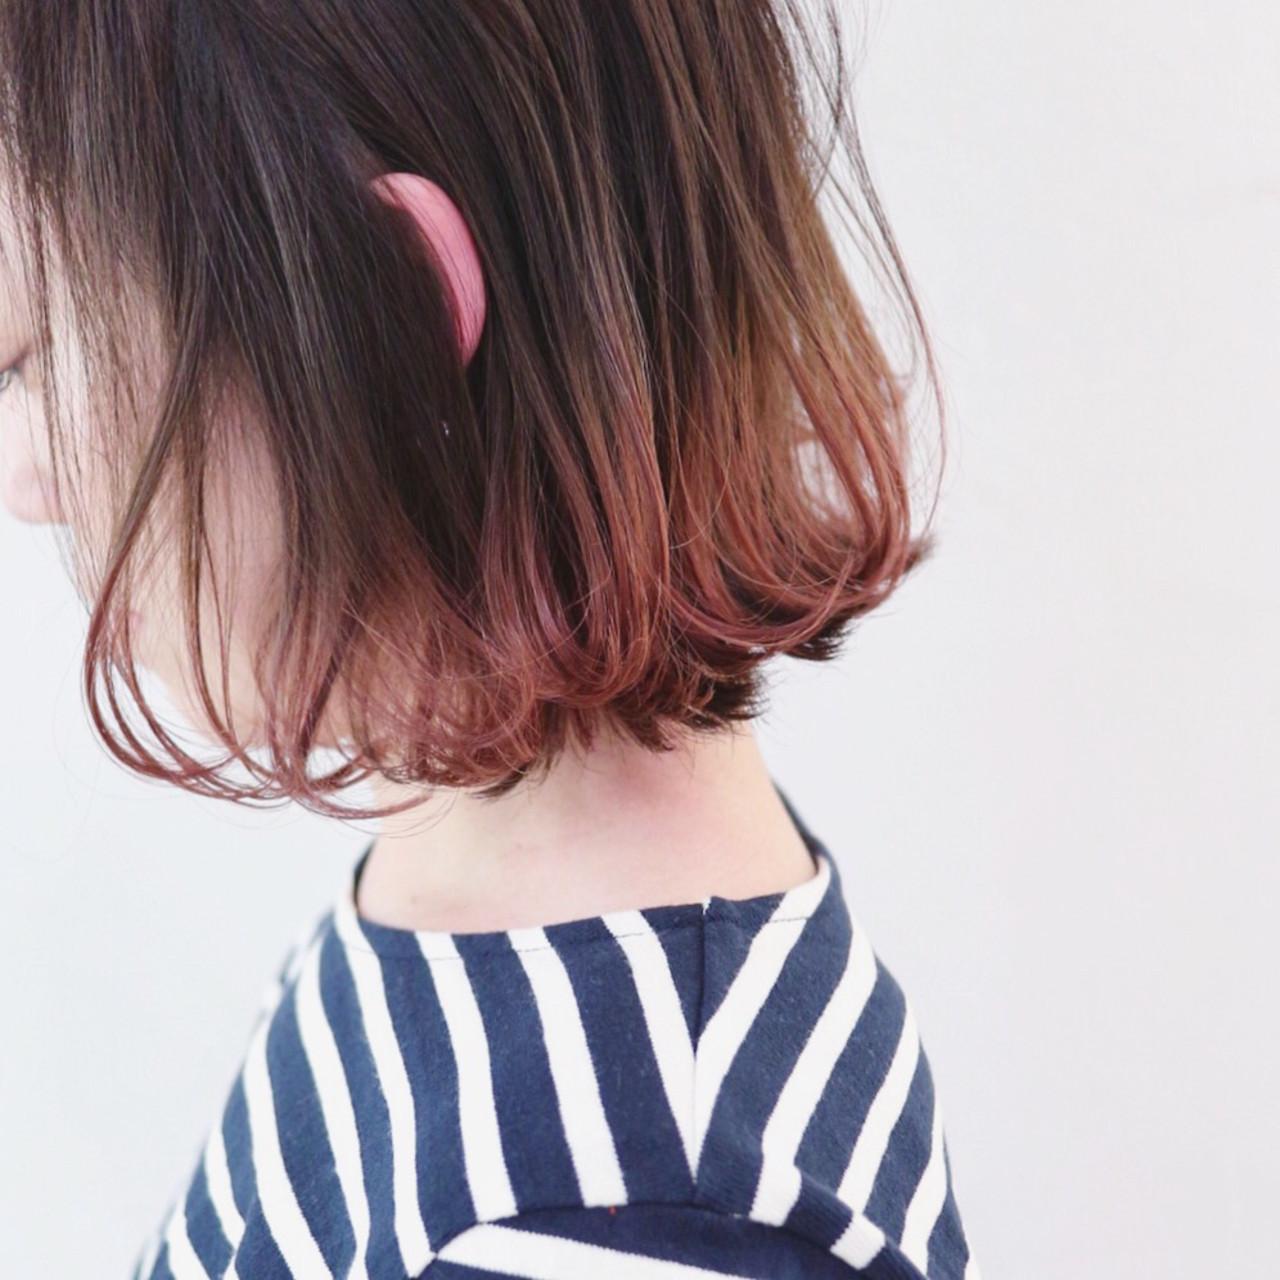 アンニュイほつれヘア ストリート グラデーションカラー パーマ ヘアスタイルや髪型の写真・画像